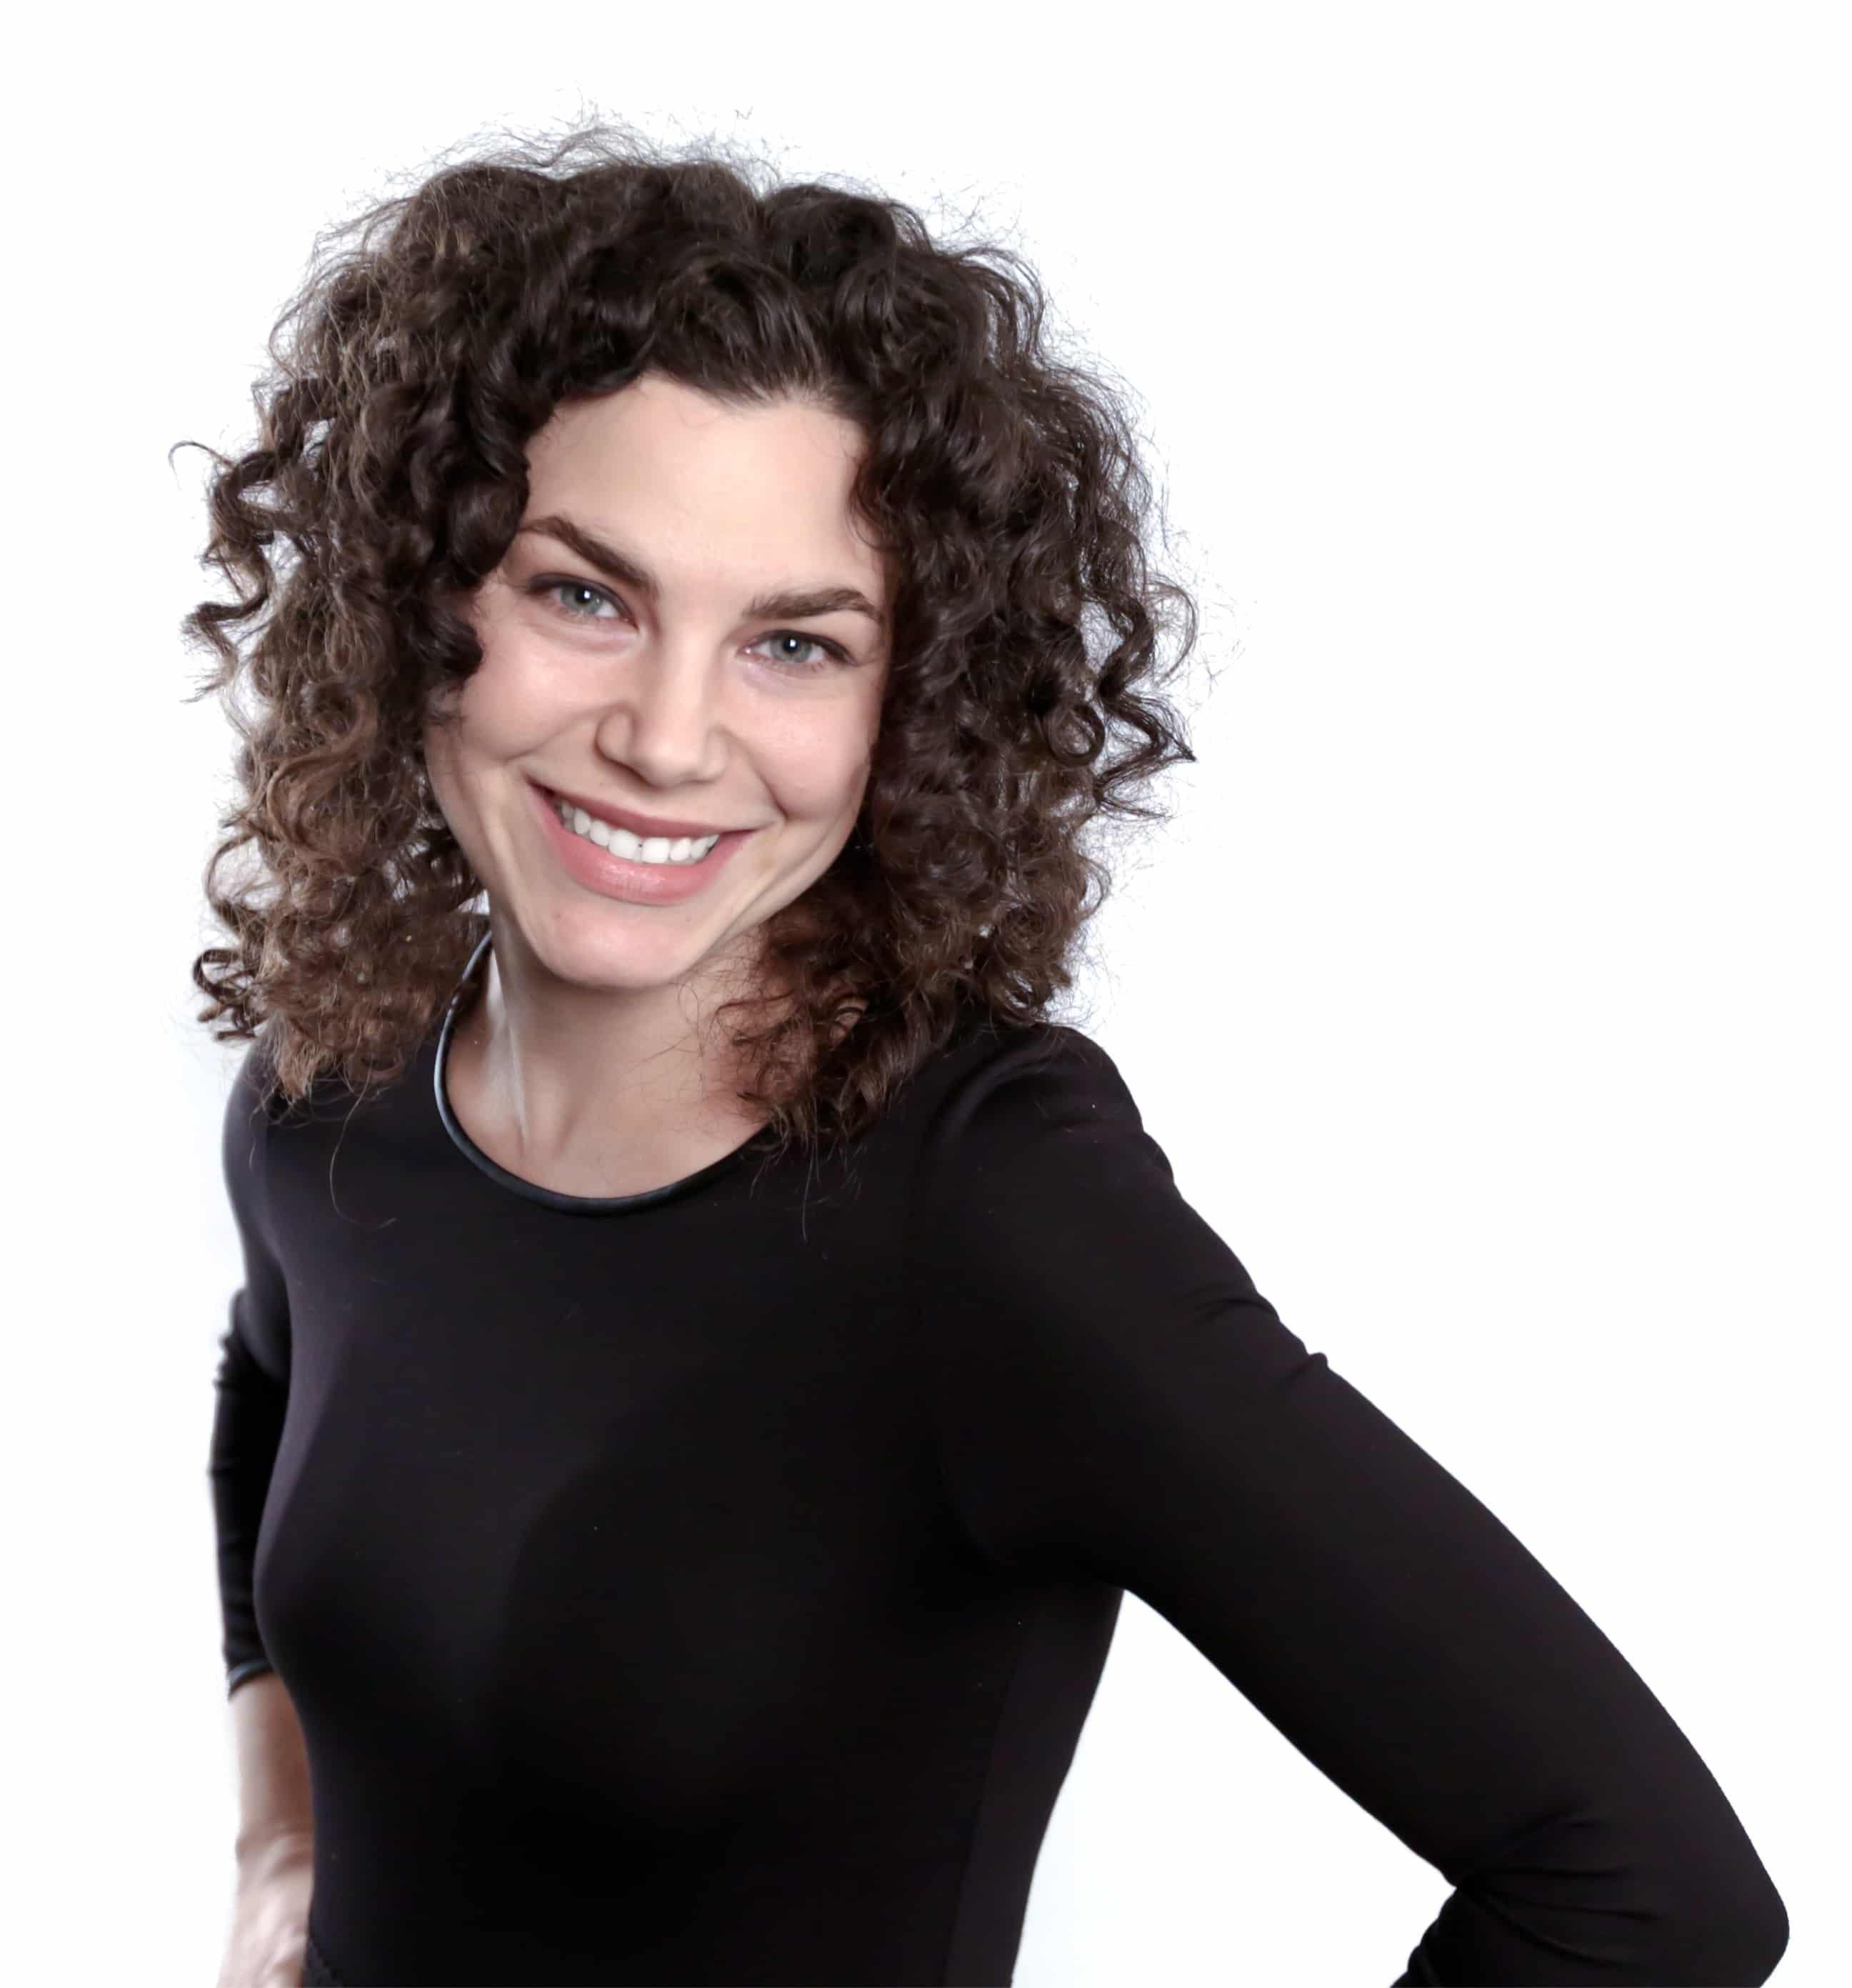 Julie Ouellet